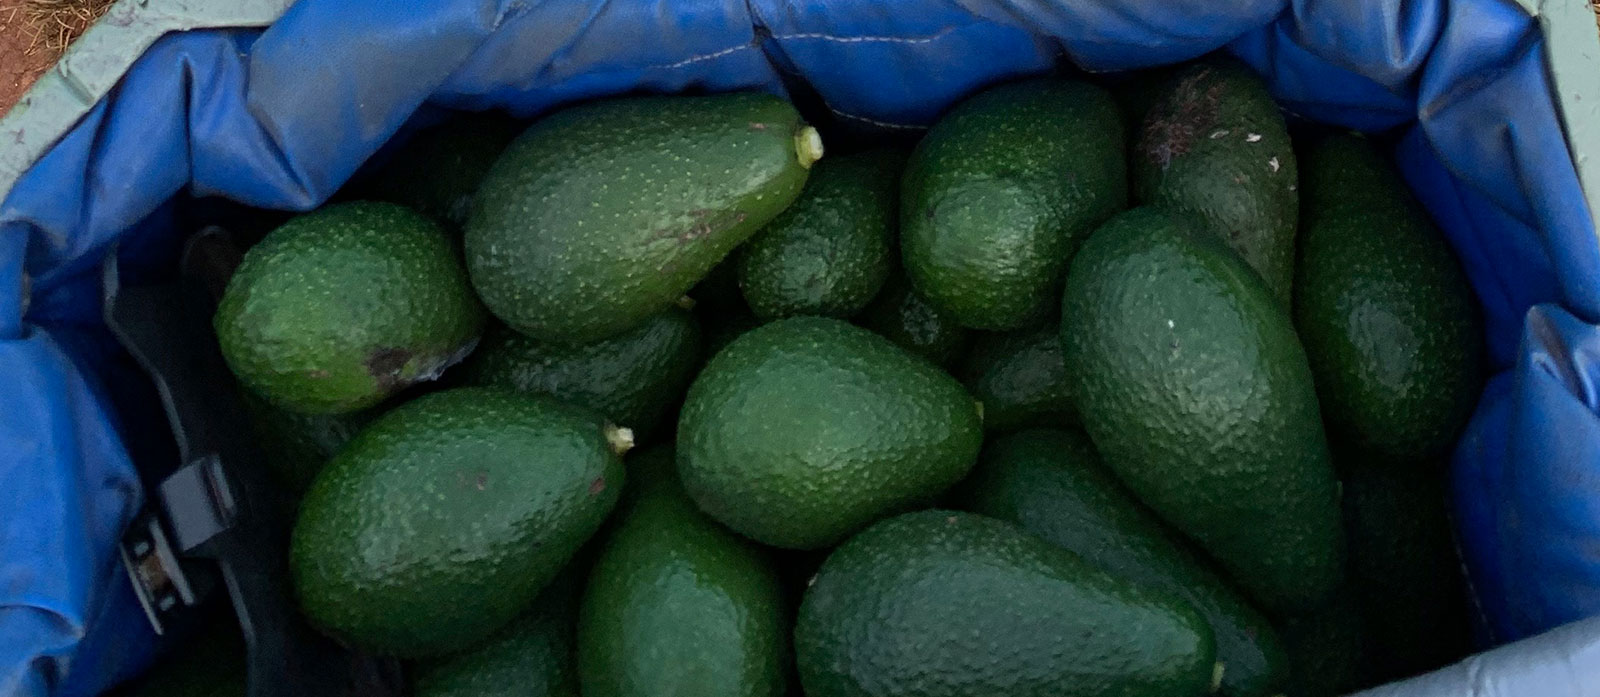 Picking Avocados